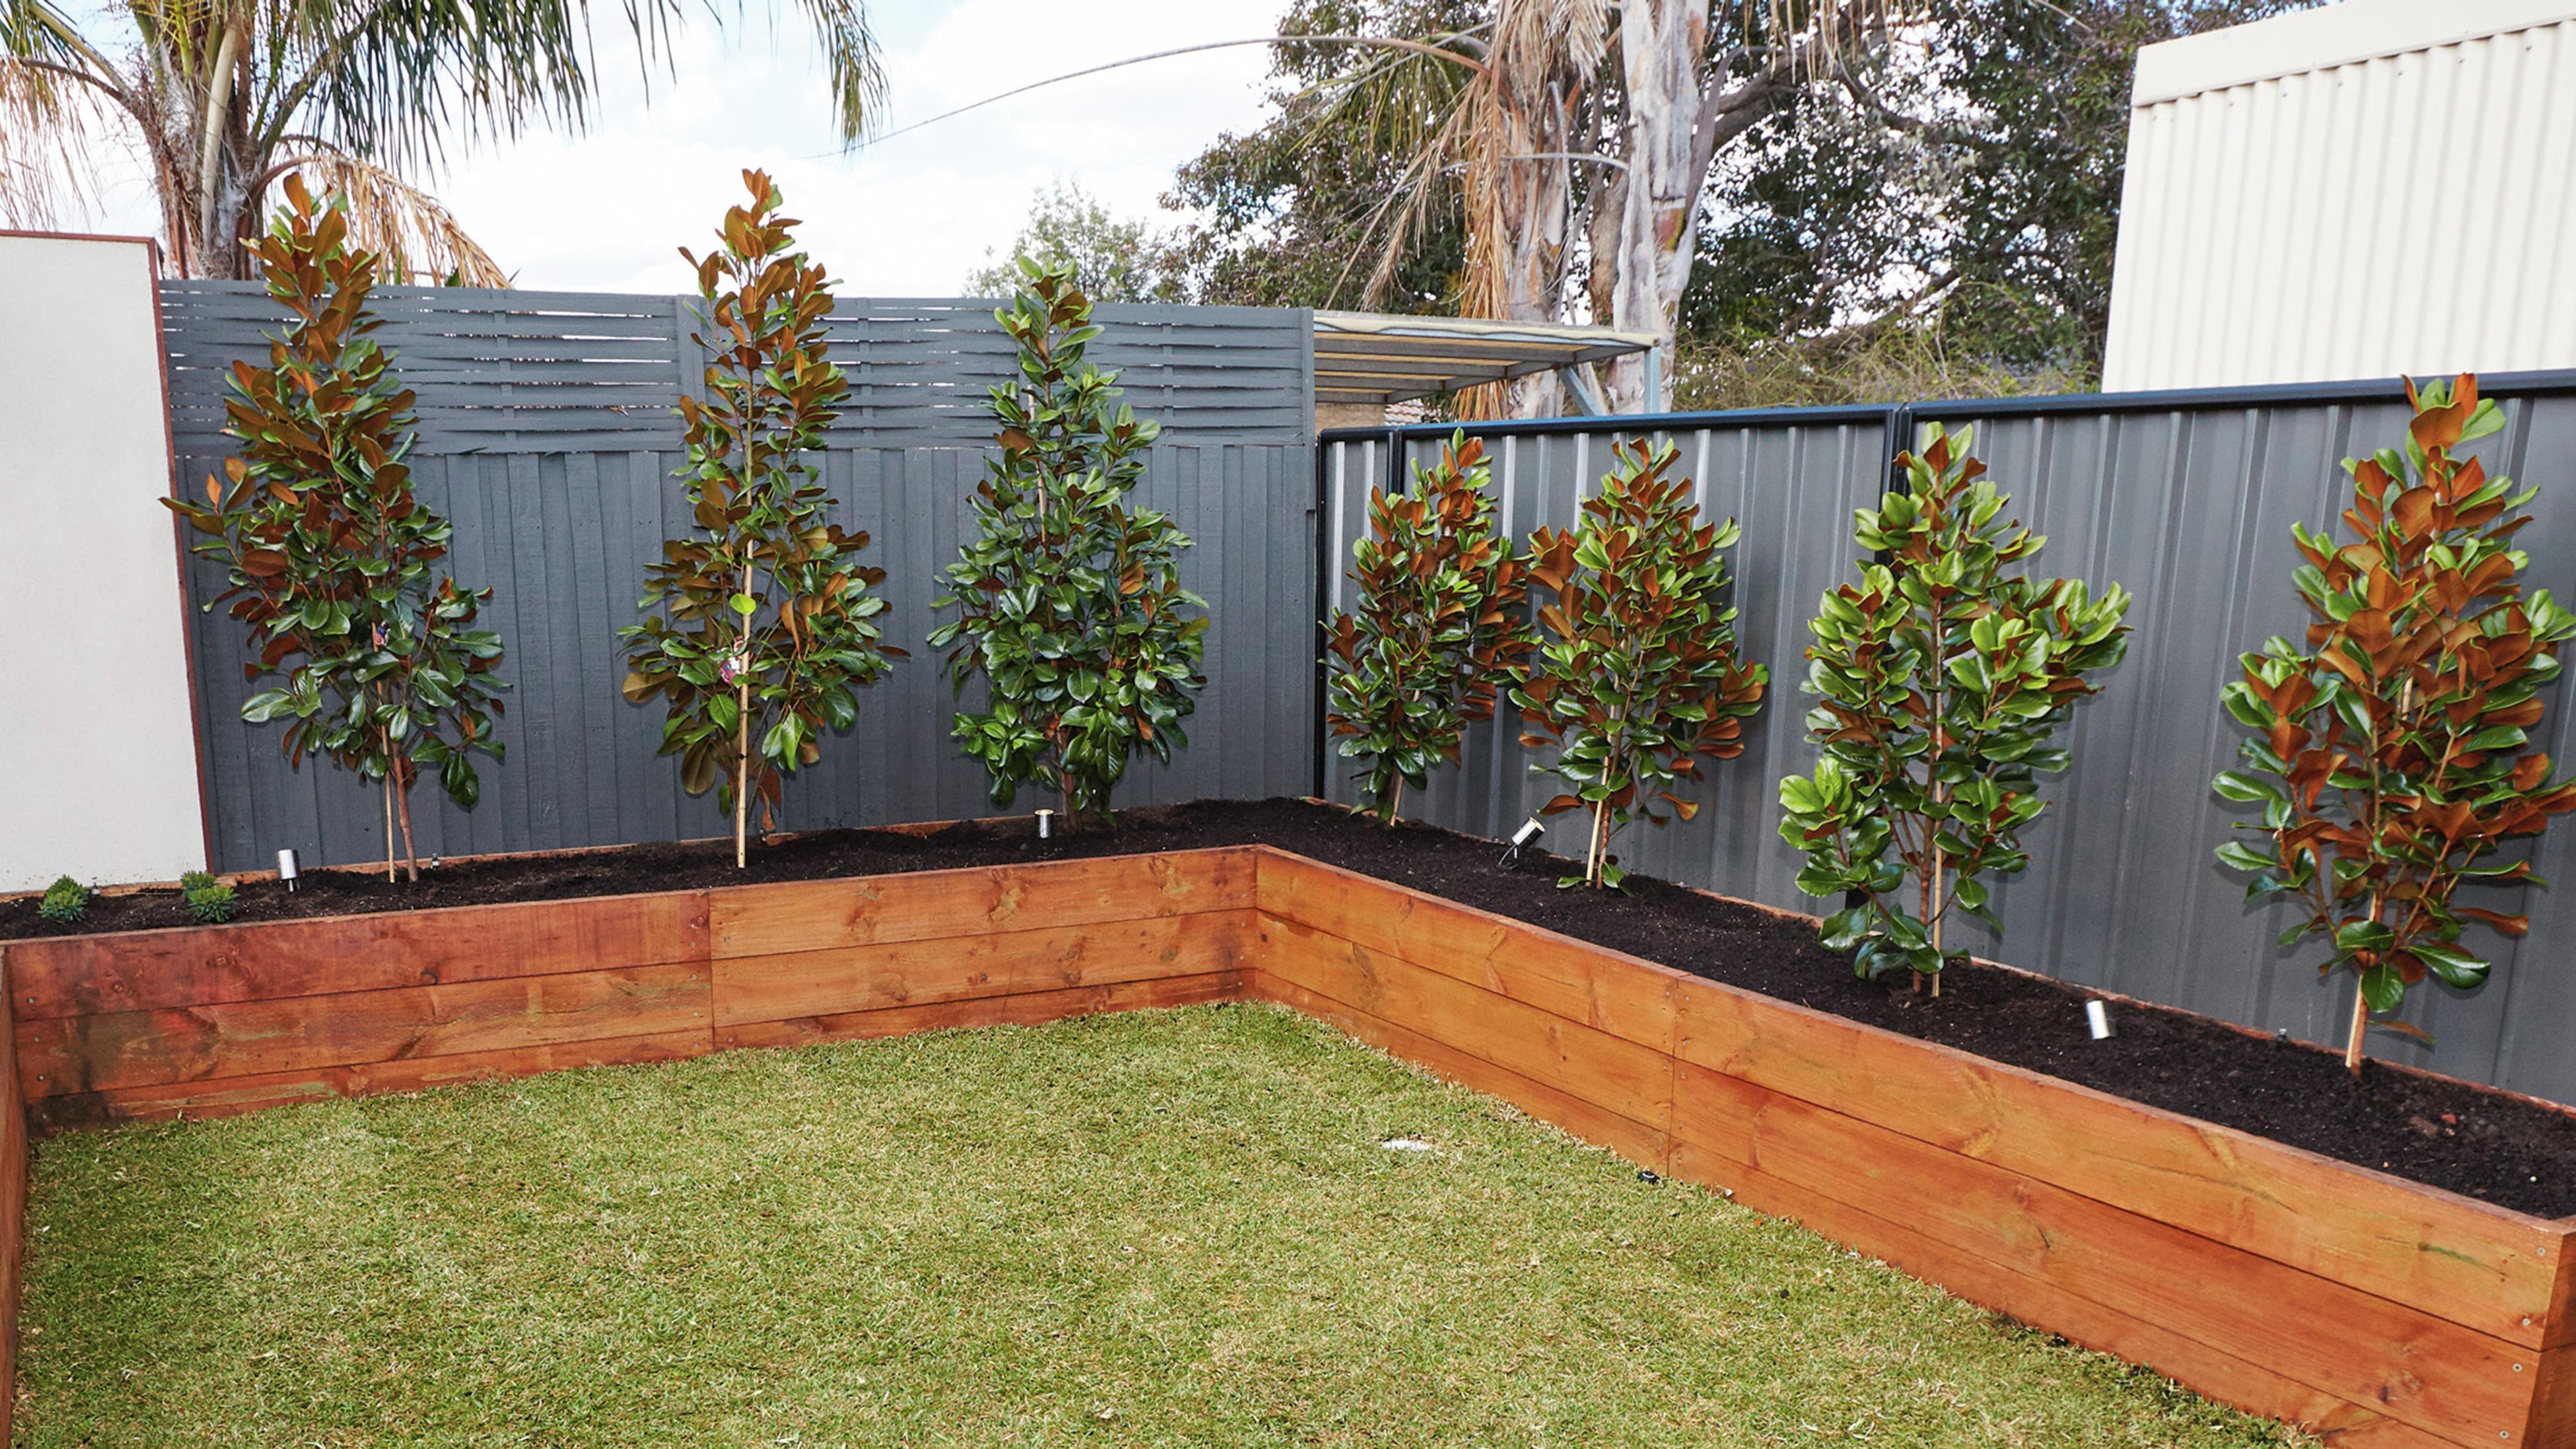 Trees growing in raised garden beds.